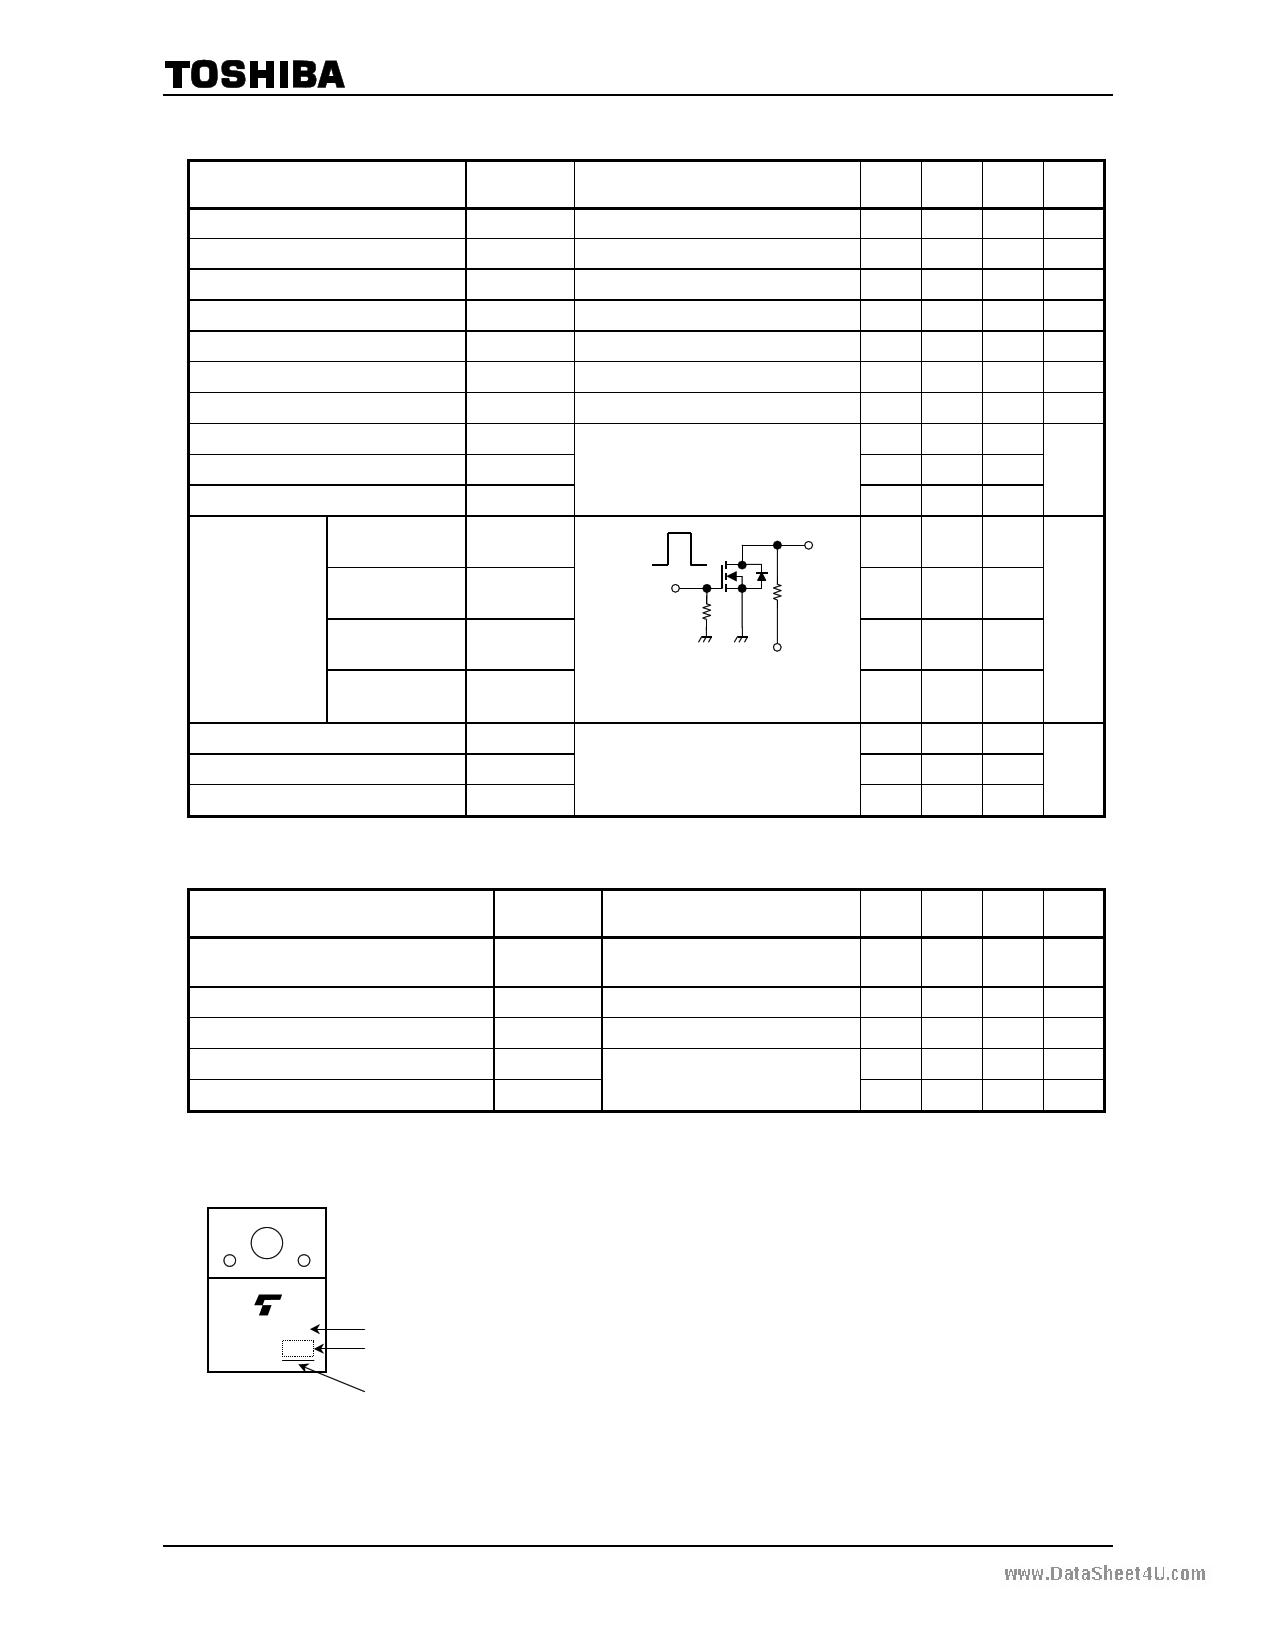 K3566 pdf pinout